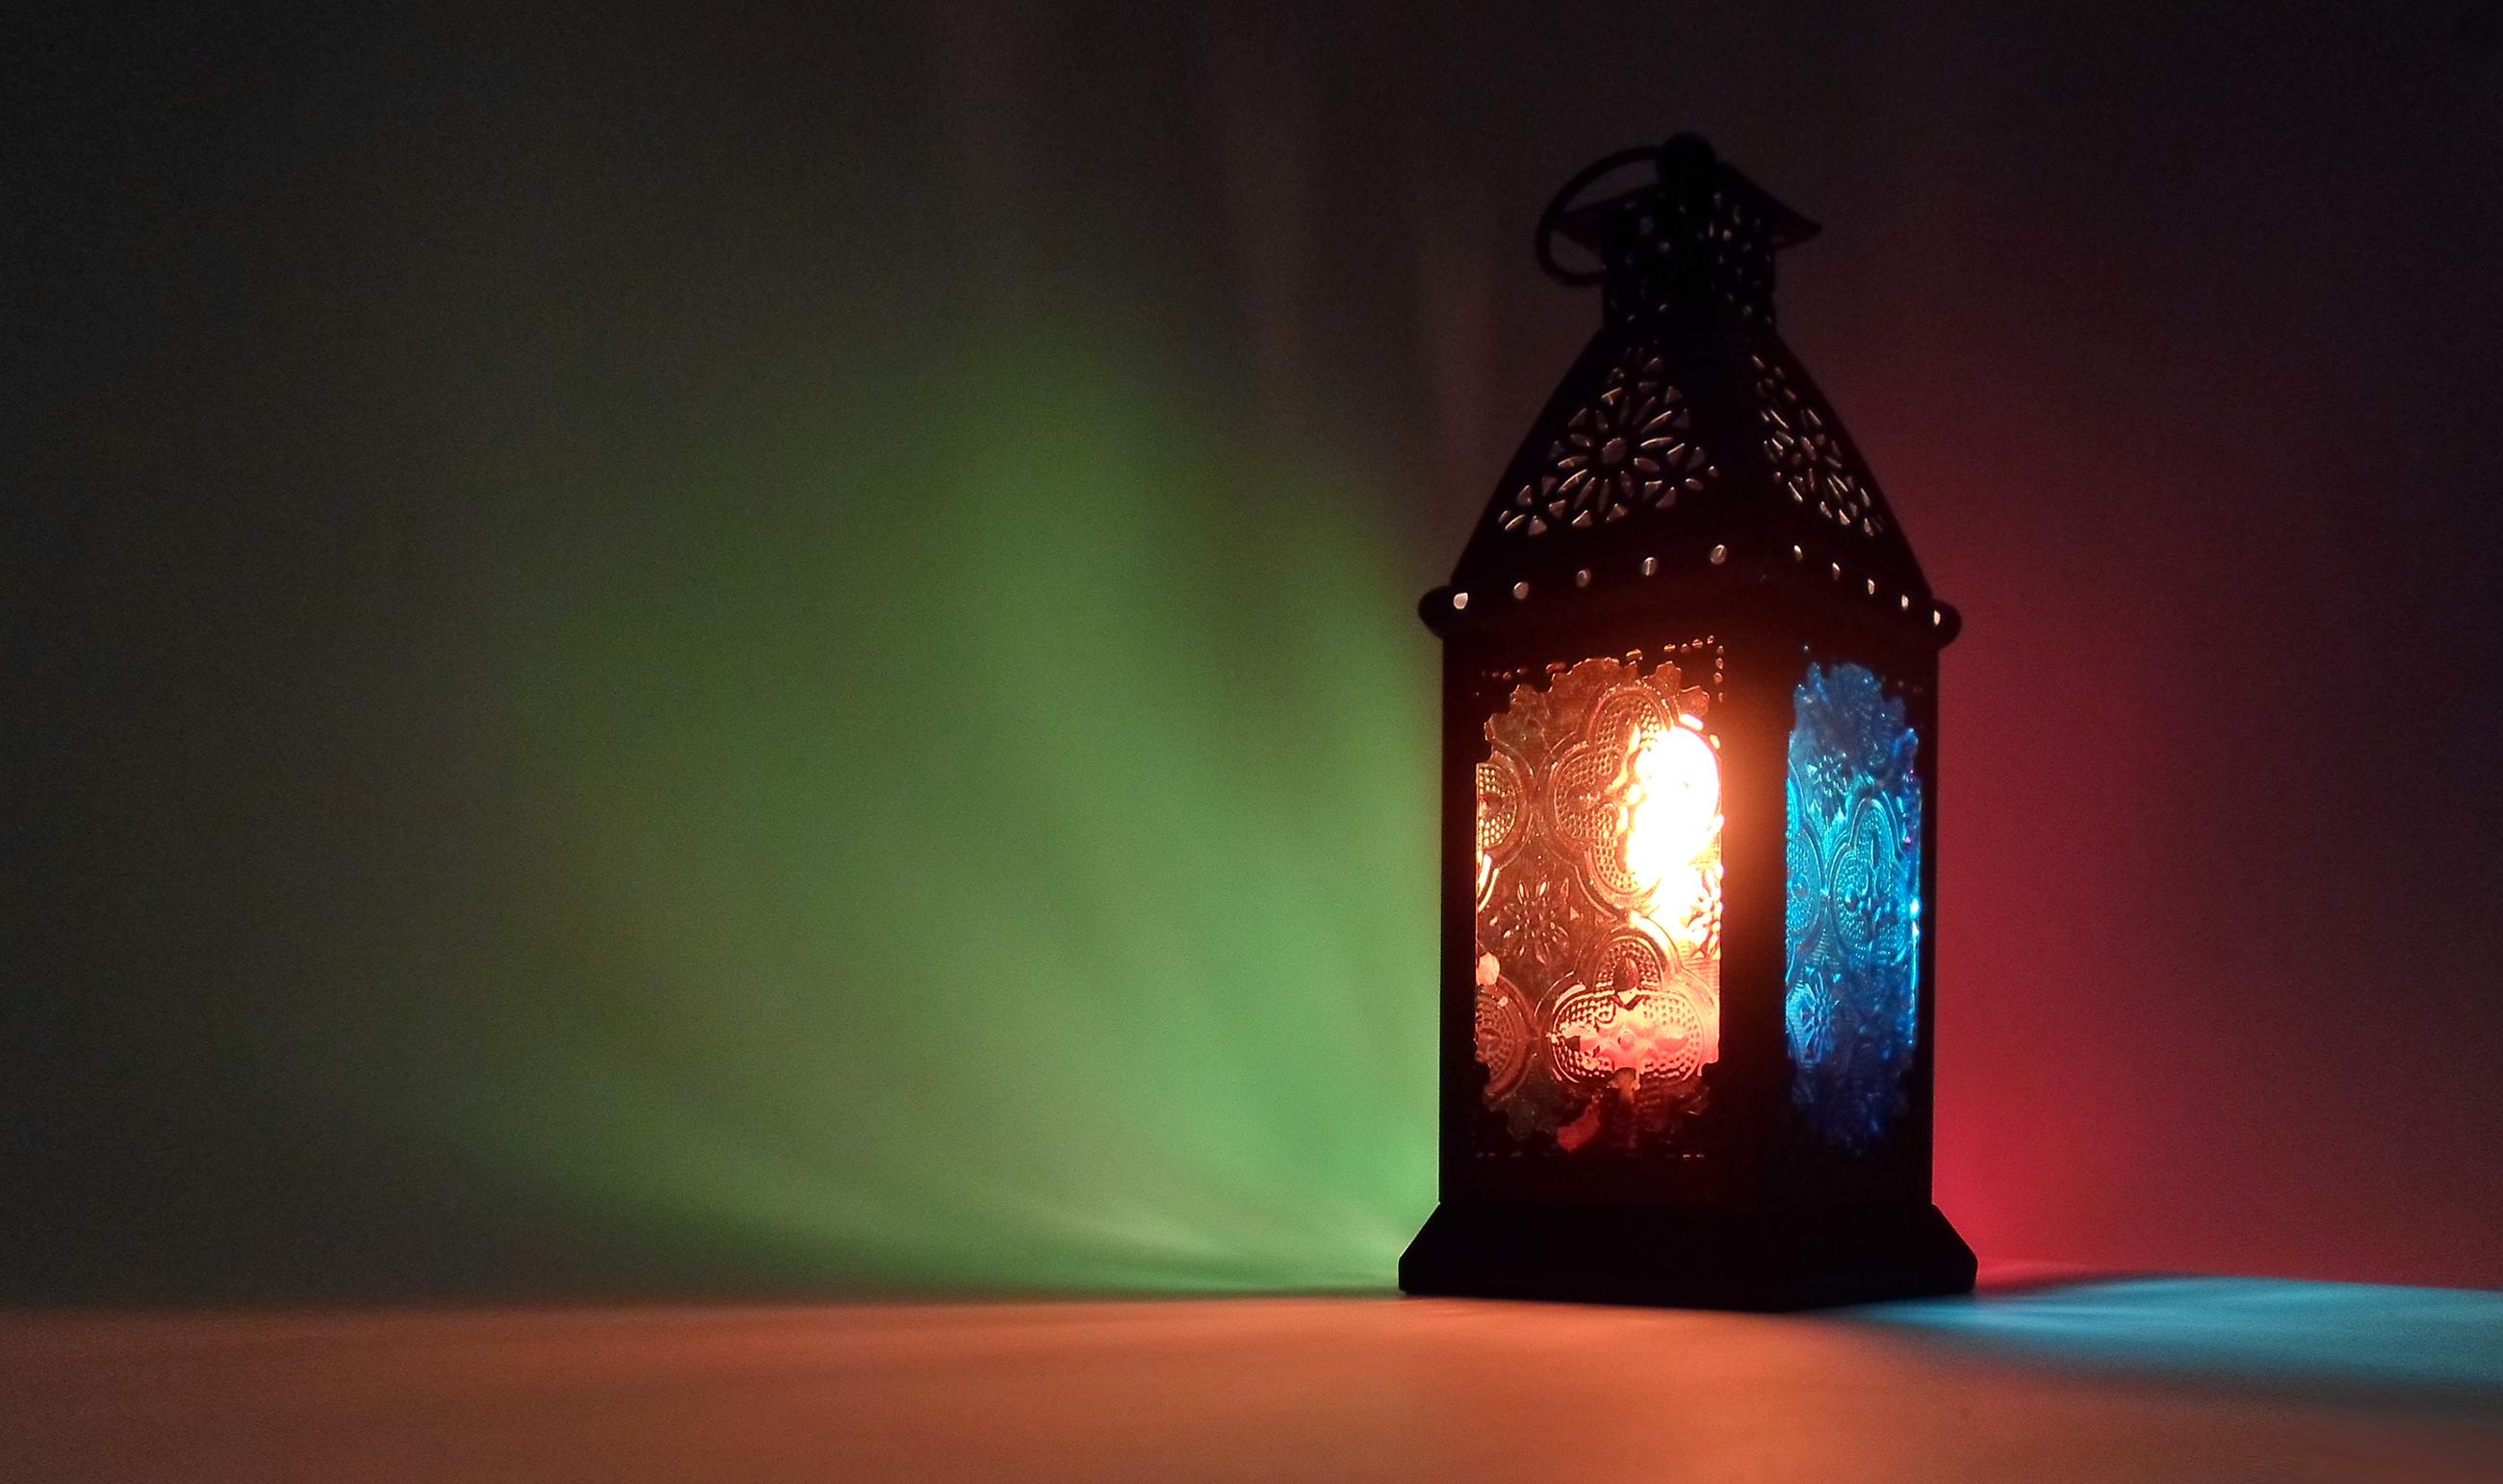 Рождественский и Когда будет Рамадан в 2017 году. Месяц Рамадана 2017